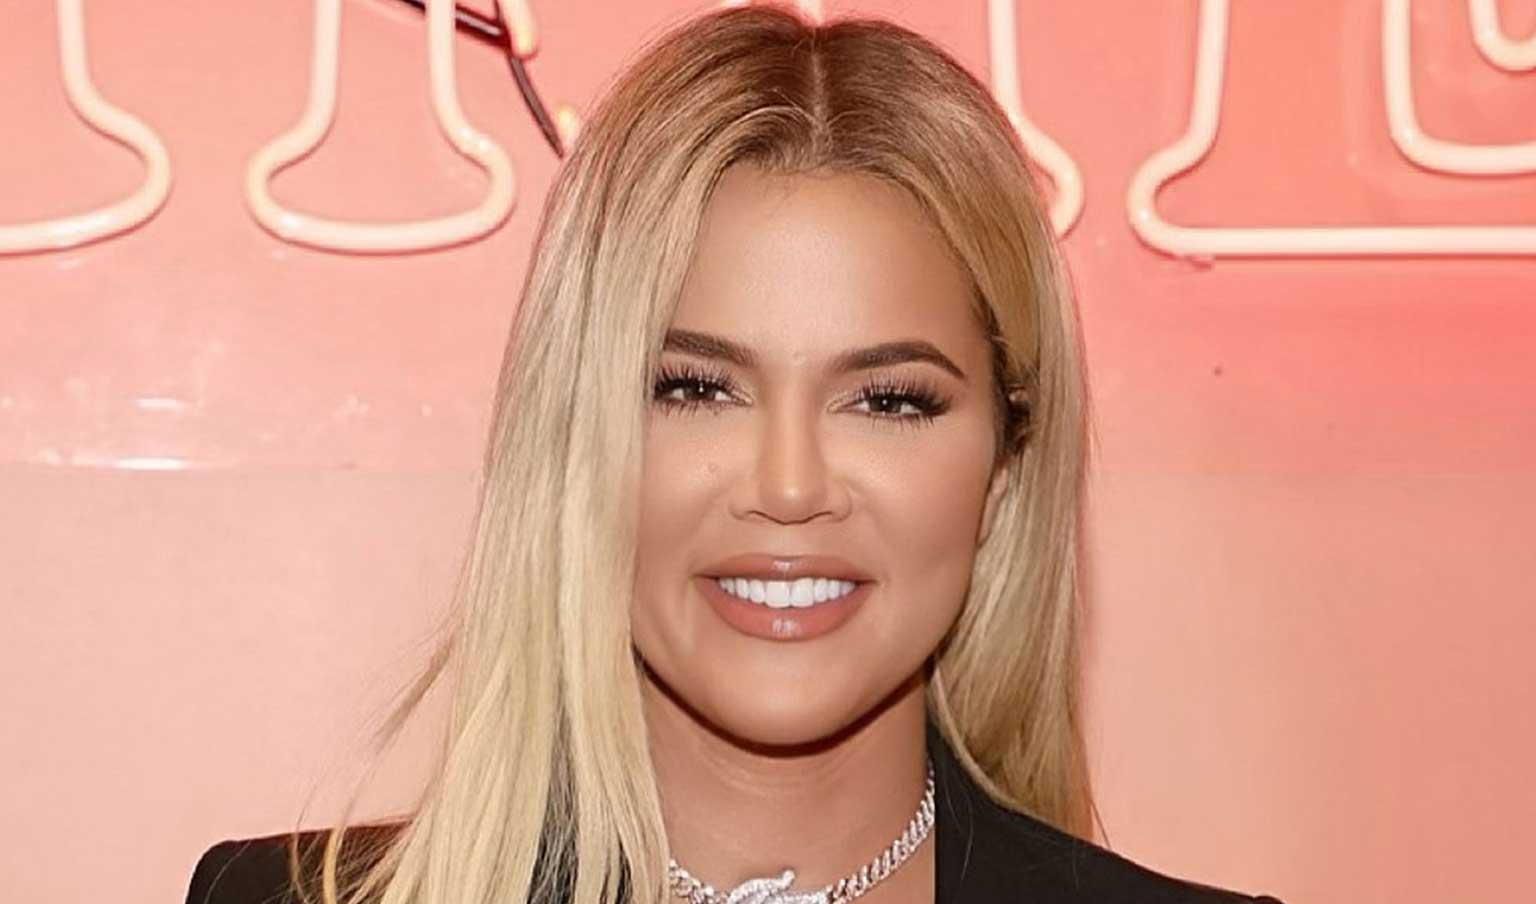 Khloe Kardashian used Invisalign to correct minor imperfections